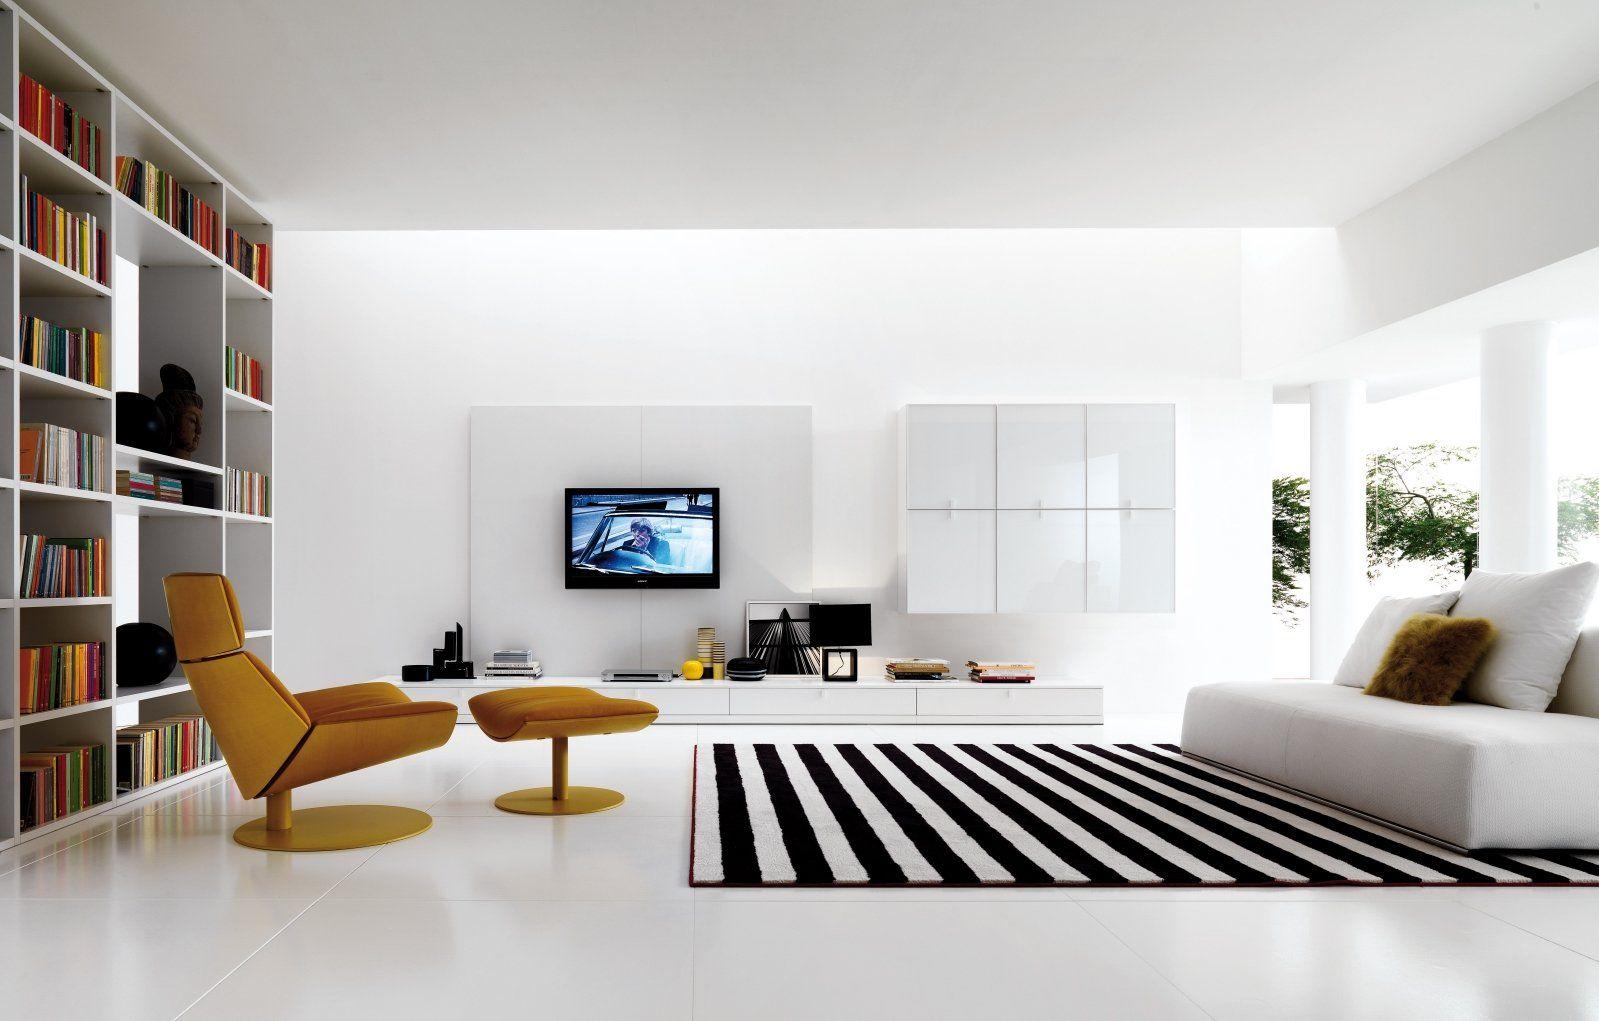 Moderne Interieur Ideeen : Een modern interieur is strak eenvoudig en ruimtelijk op